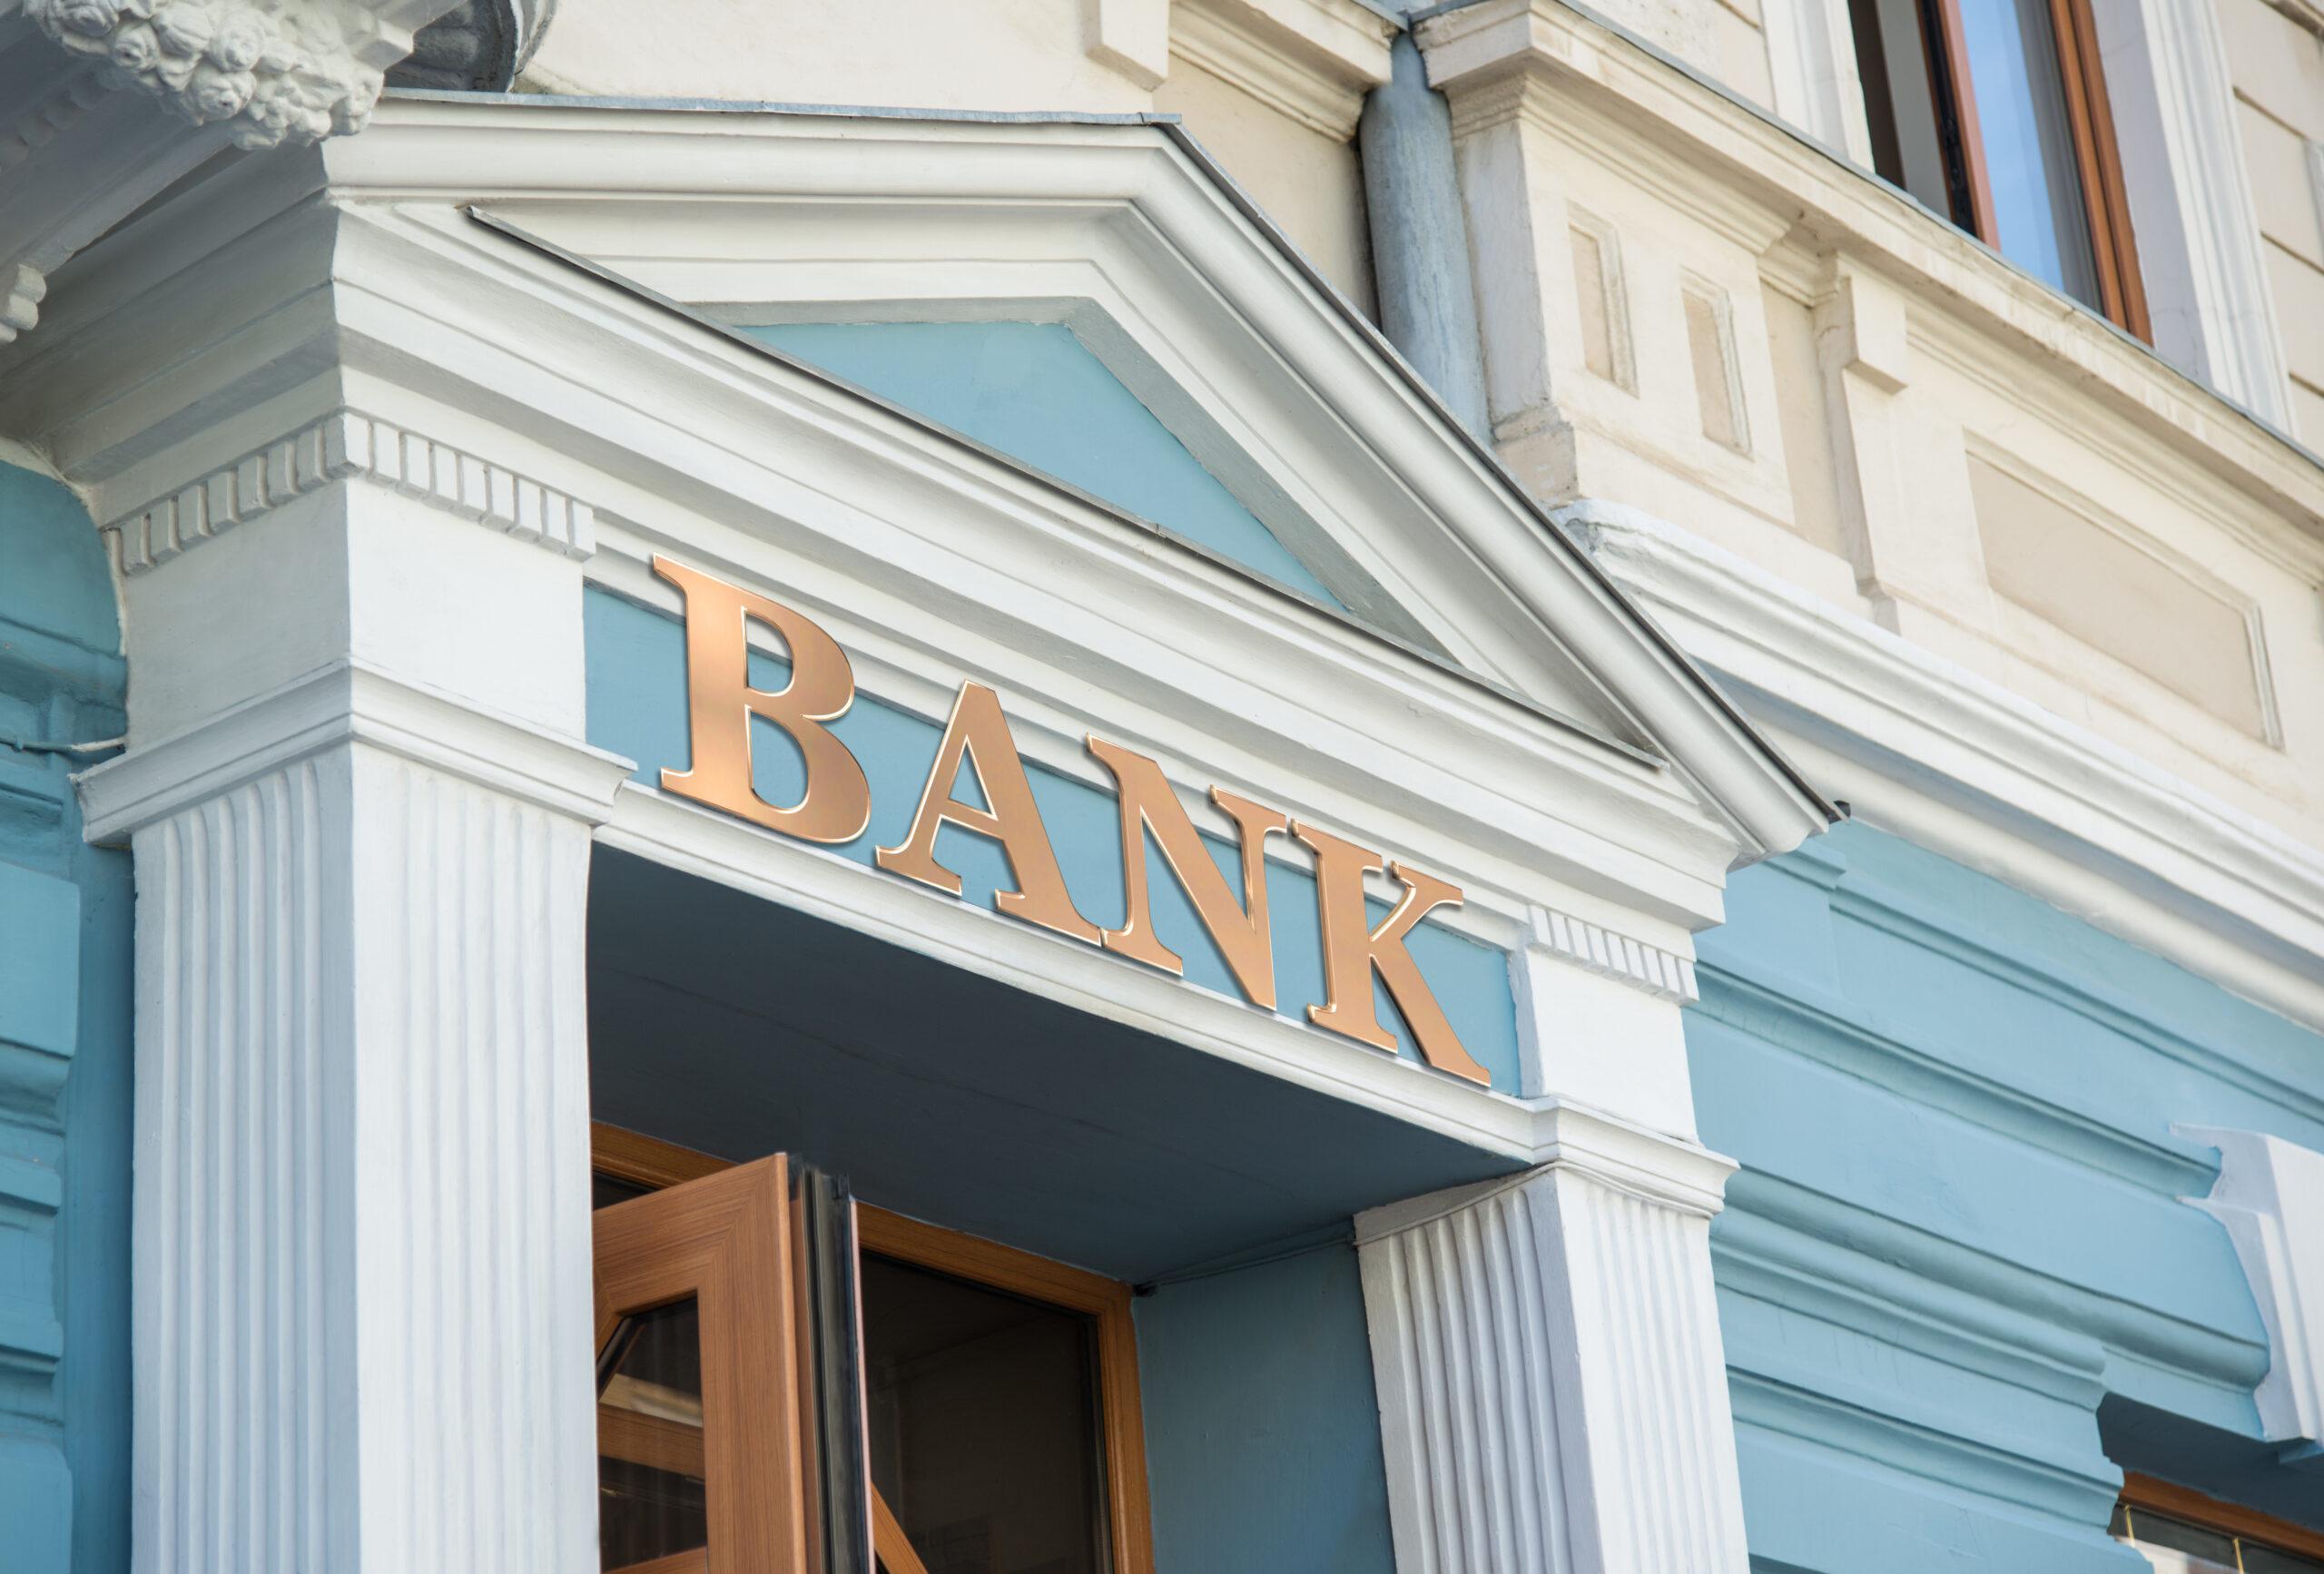 Банк в Германии